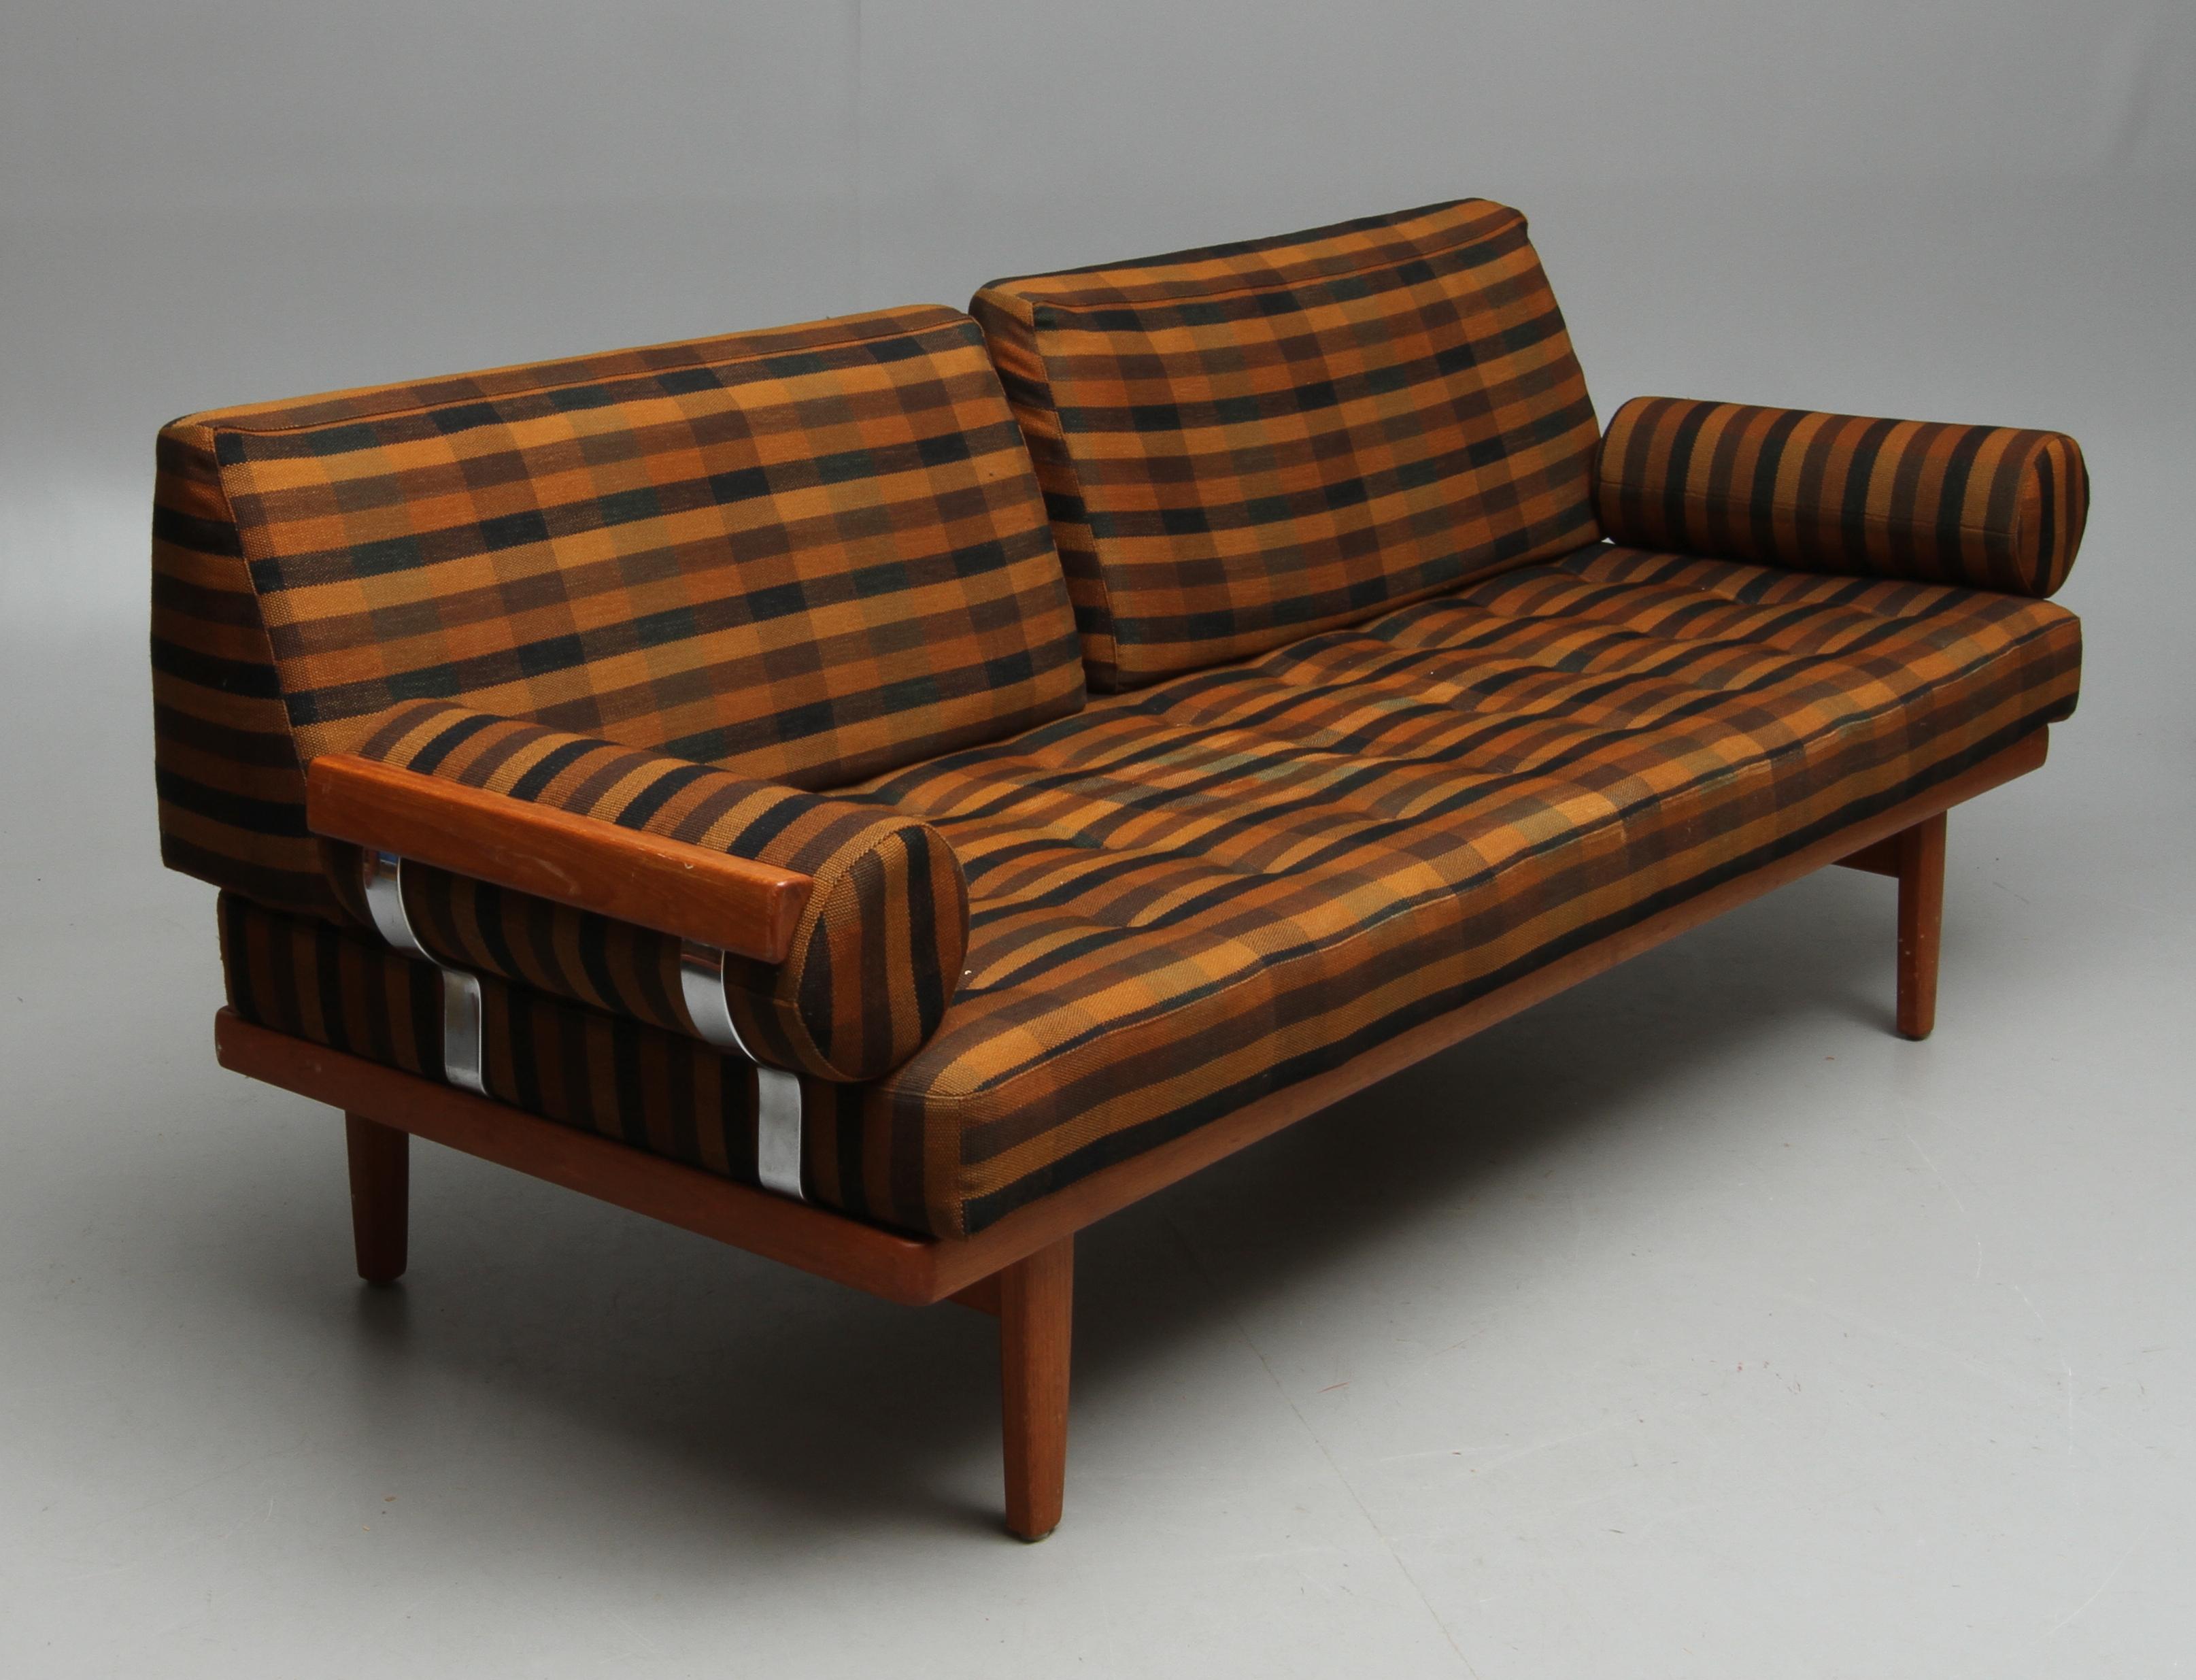 Bilder för 36952 SOFFA DAGBäDD Kock, teak, 1900 talets andra hälft Auctionet